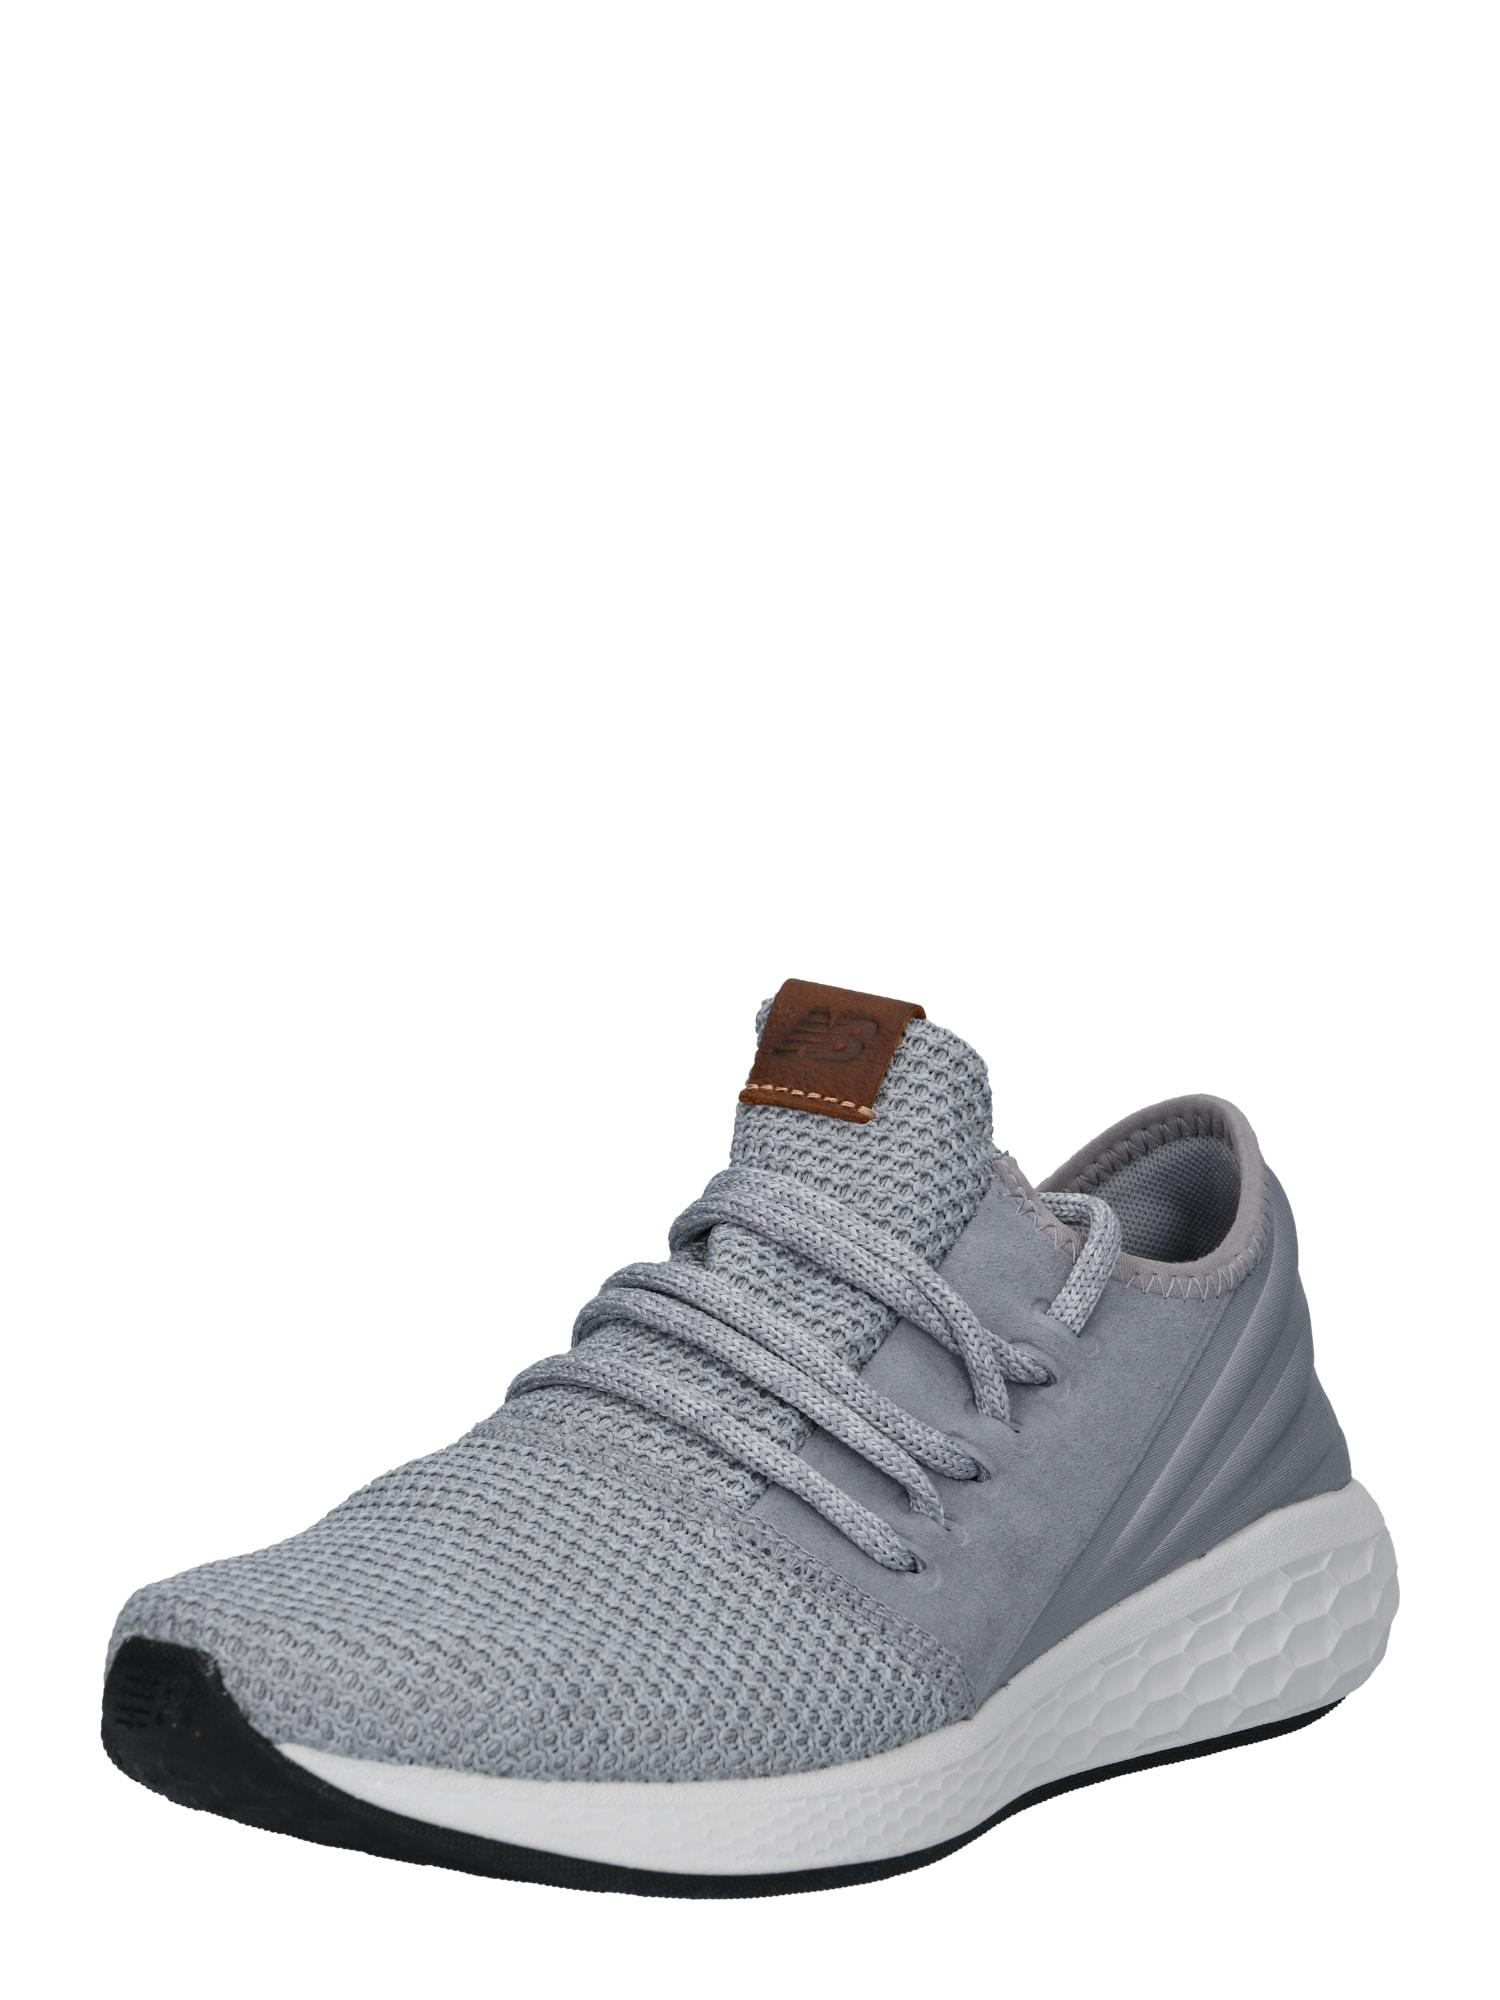 Sportovní boty MCRZDLG2 šedá New Balance